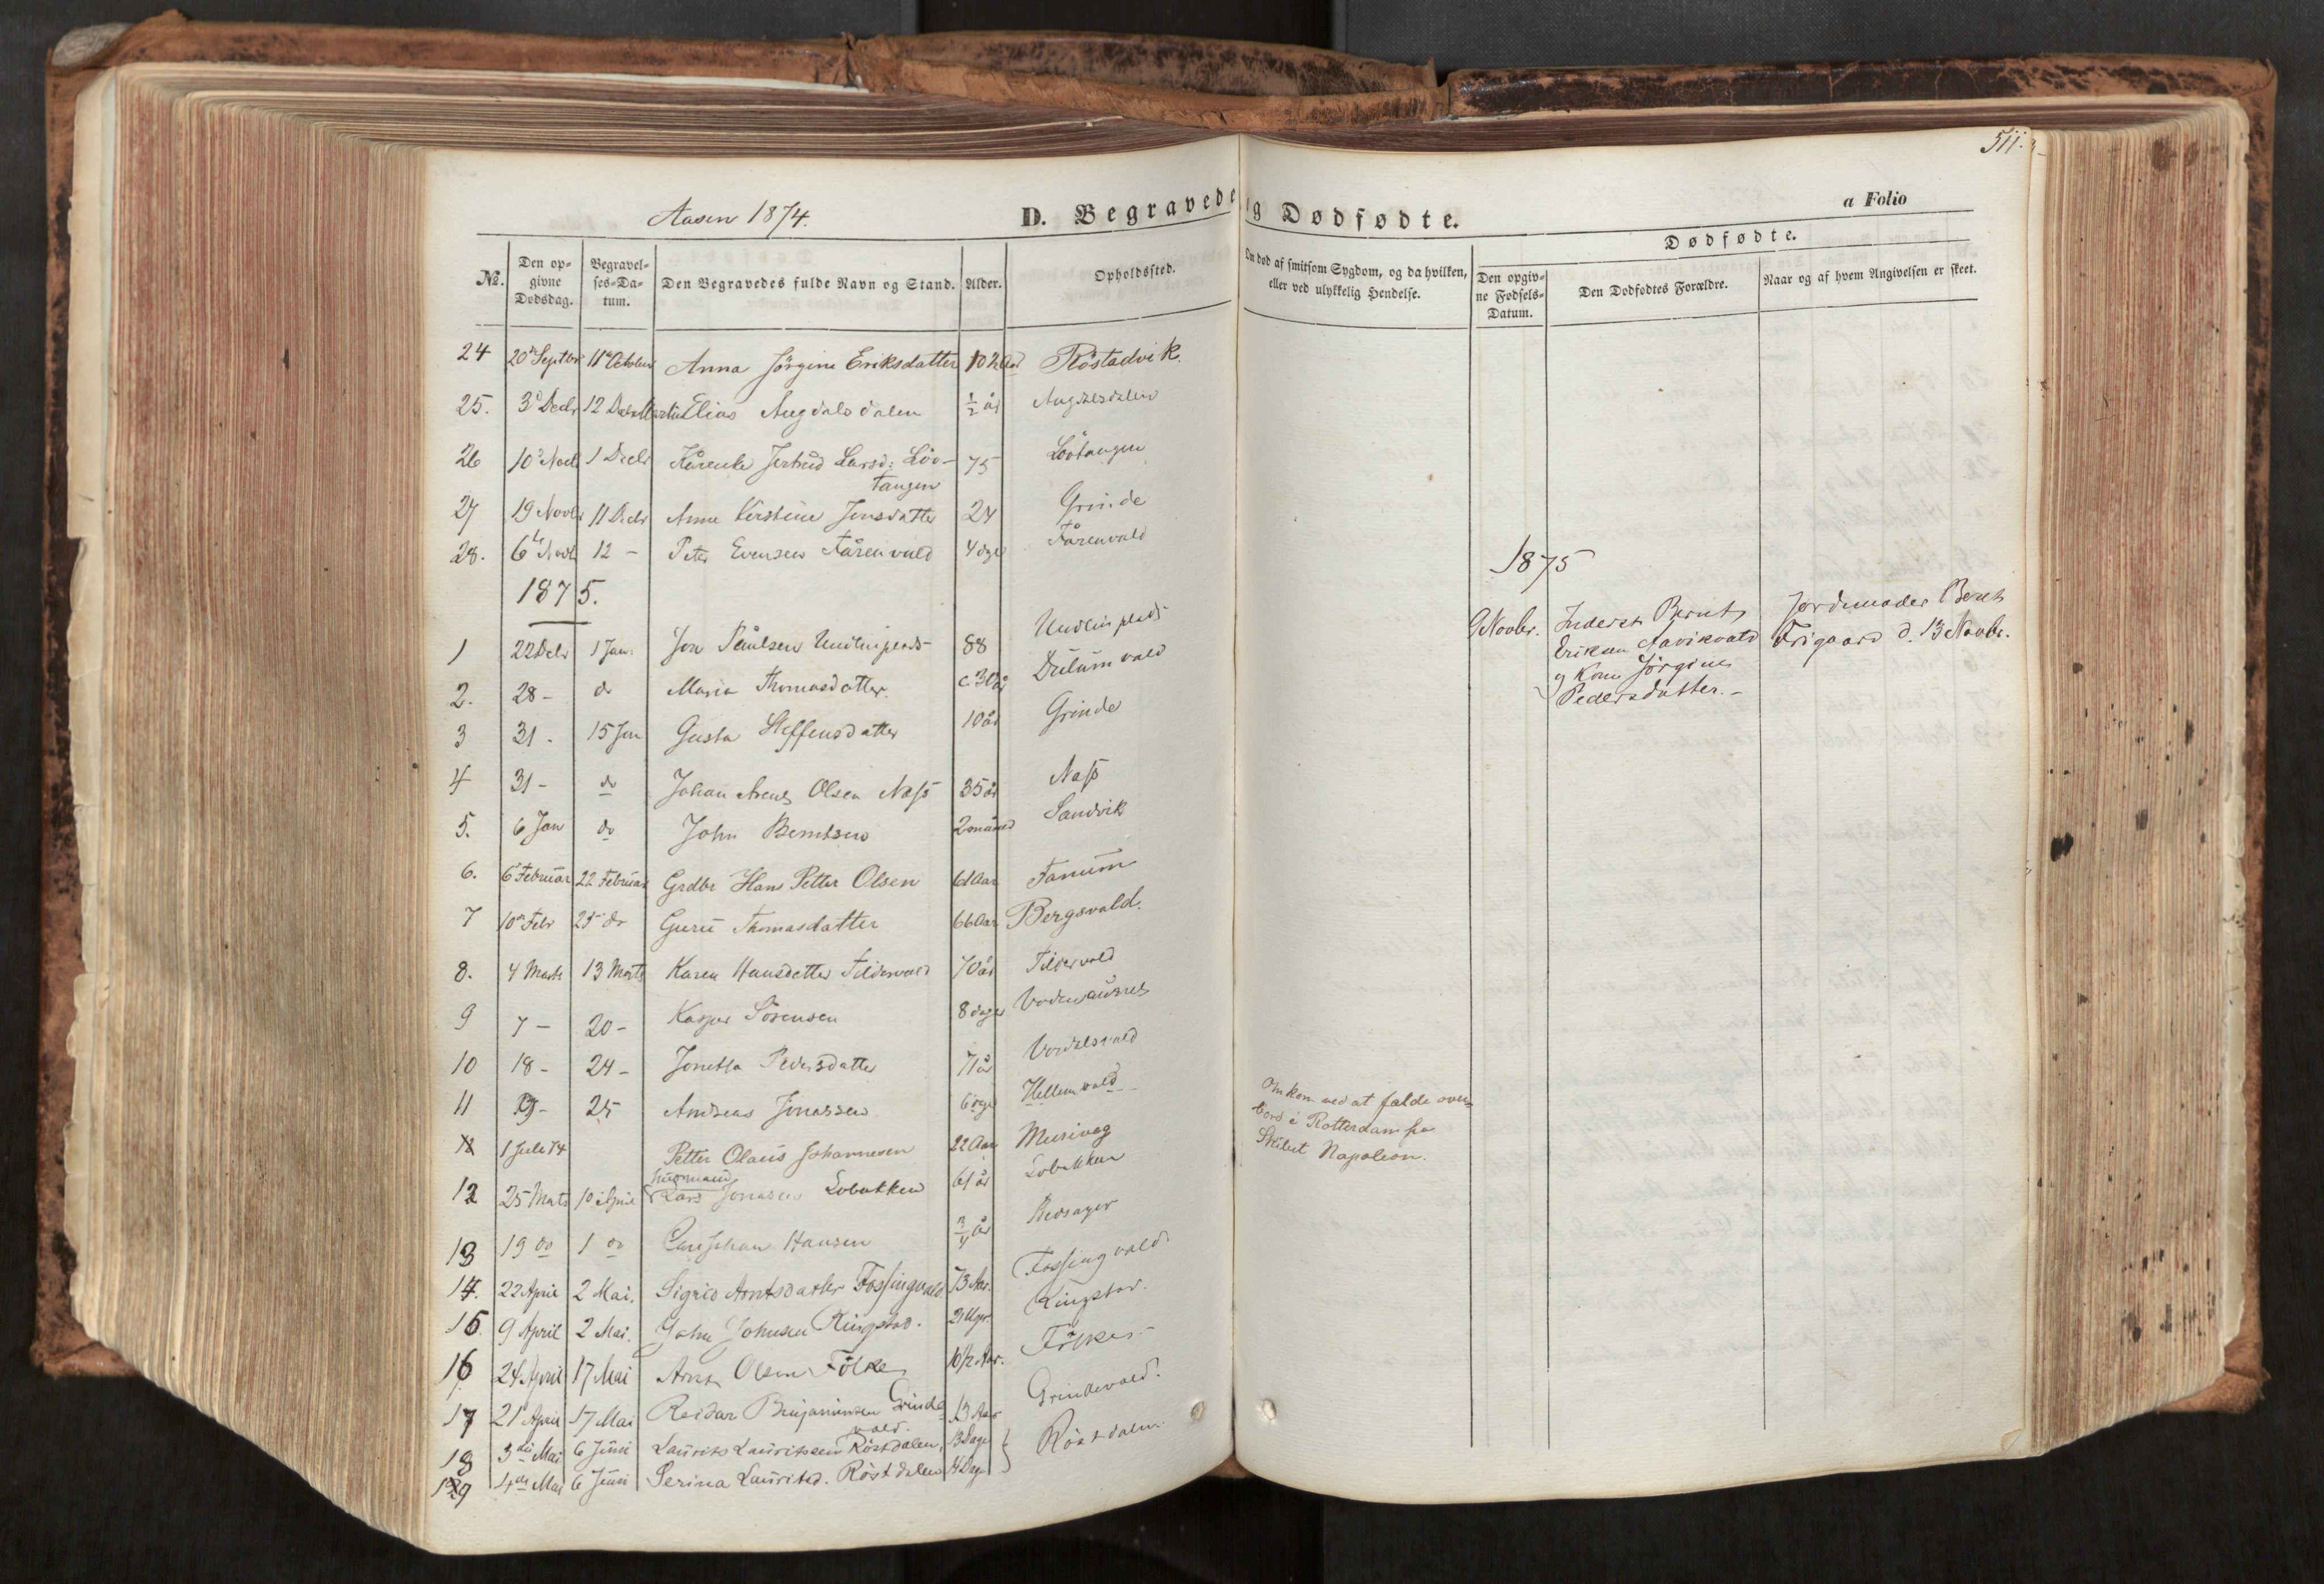 SAT, Ministerialprotokoller, klokkerbøker og fødselsregistre - Nord-Trøndelag, 713/L0116: Ministerialbok nr. 713A07, 1850-1877, s. 511